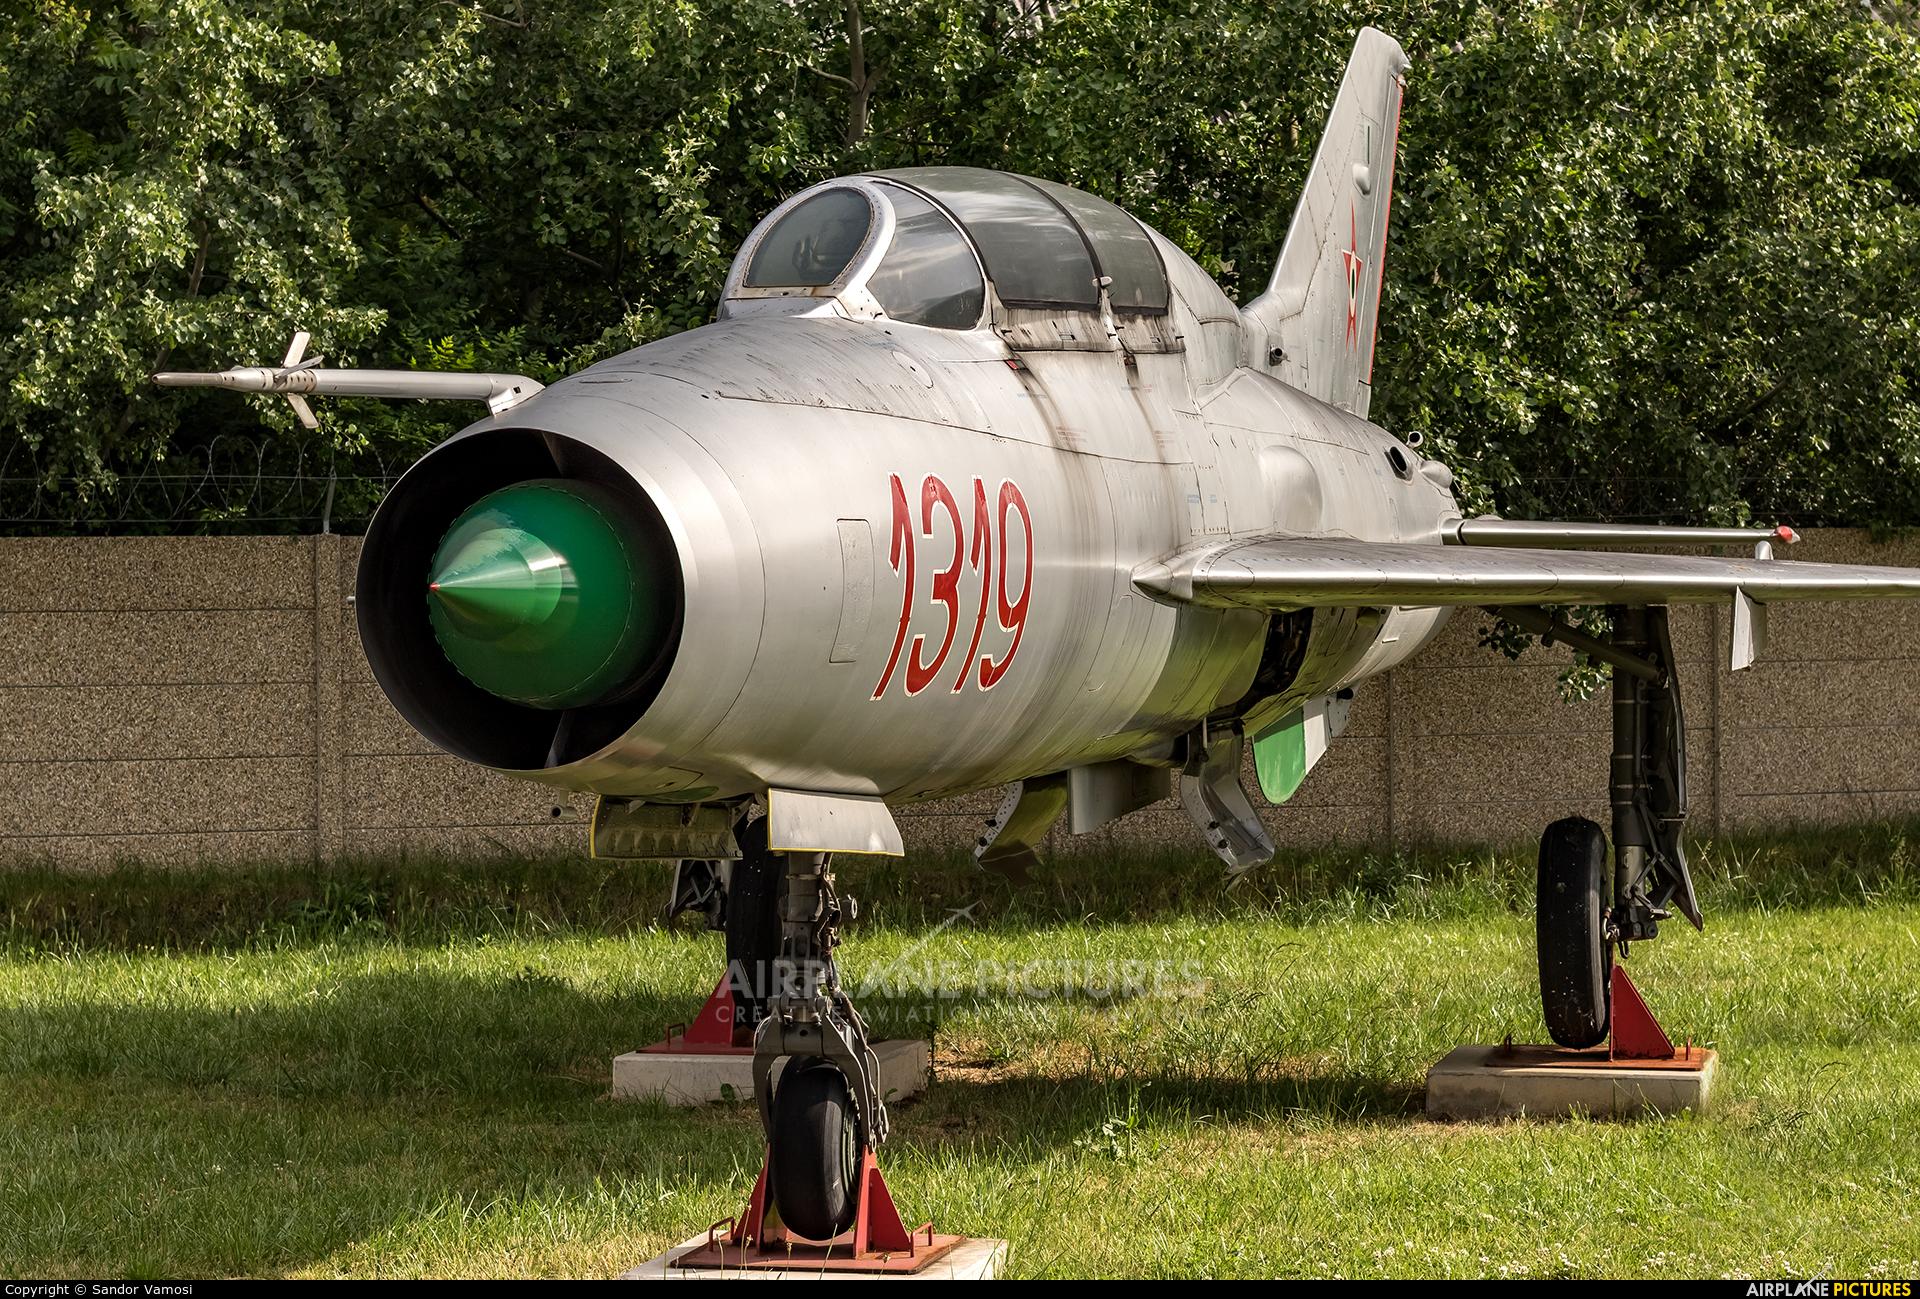 Hungary - Air Force 1319 aircraft at Off Airport - Hungary